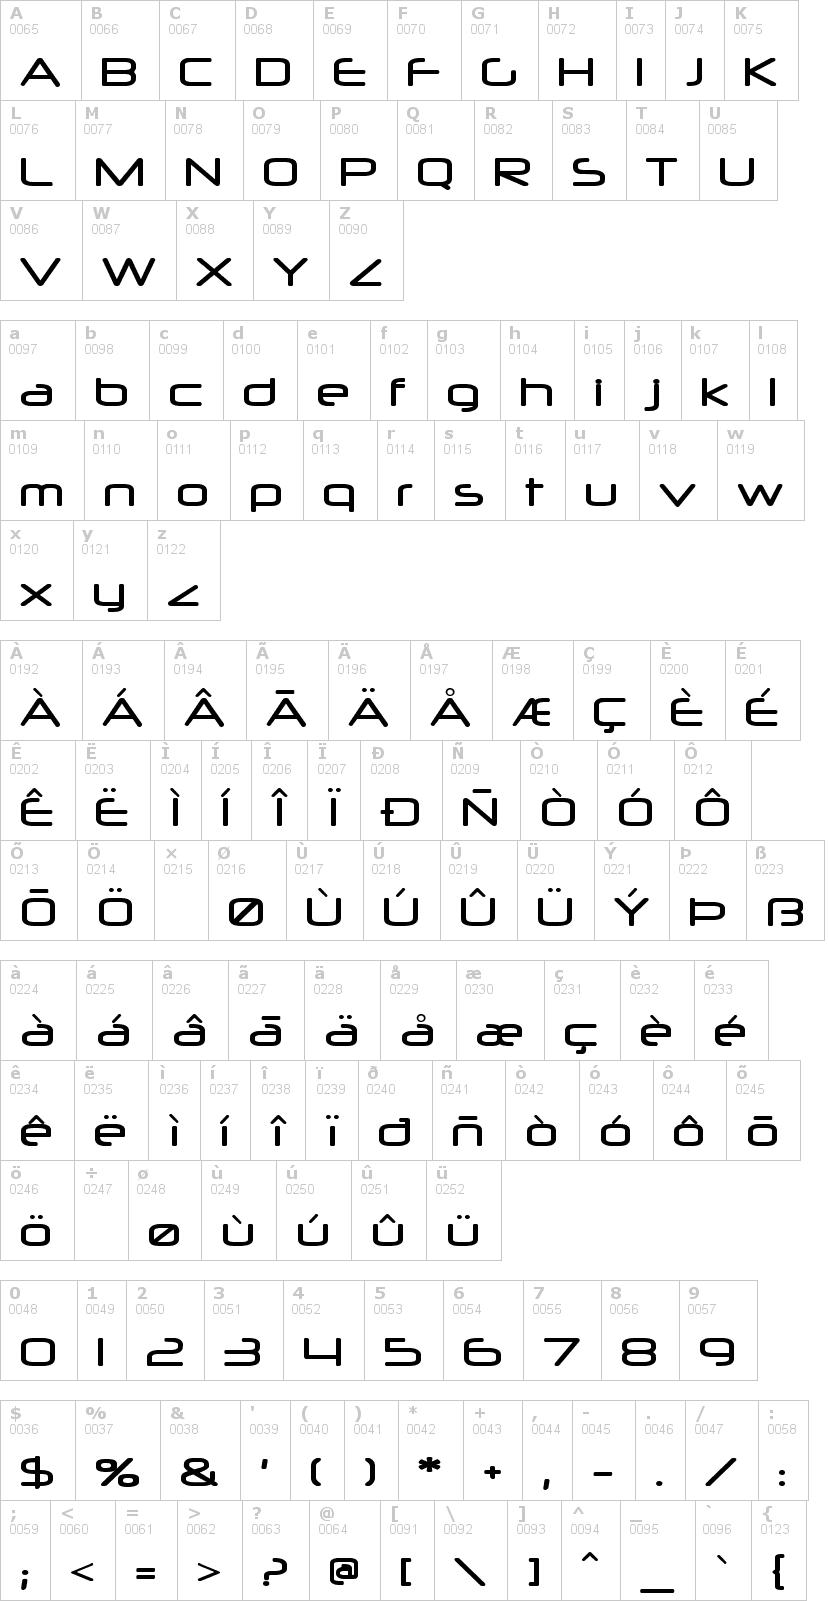 Lettere dell'alfabeto del font neuropol con le quali è possibile realizzare adesivi prespaziati